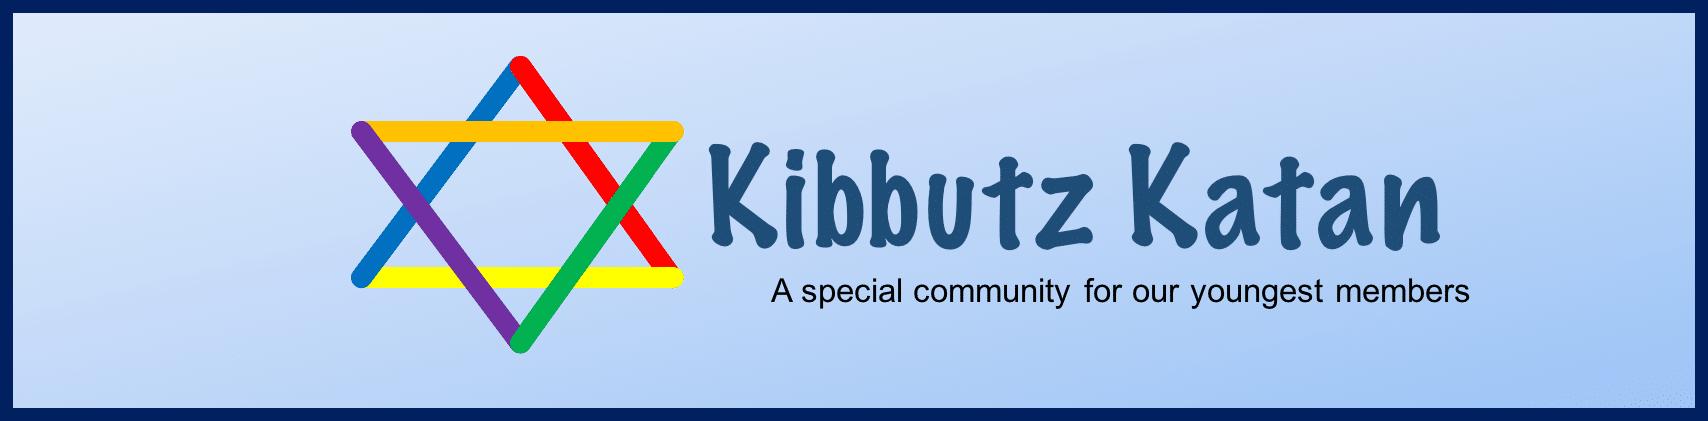 KibbutzKatan